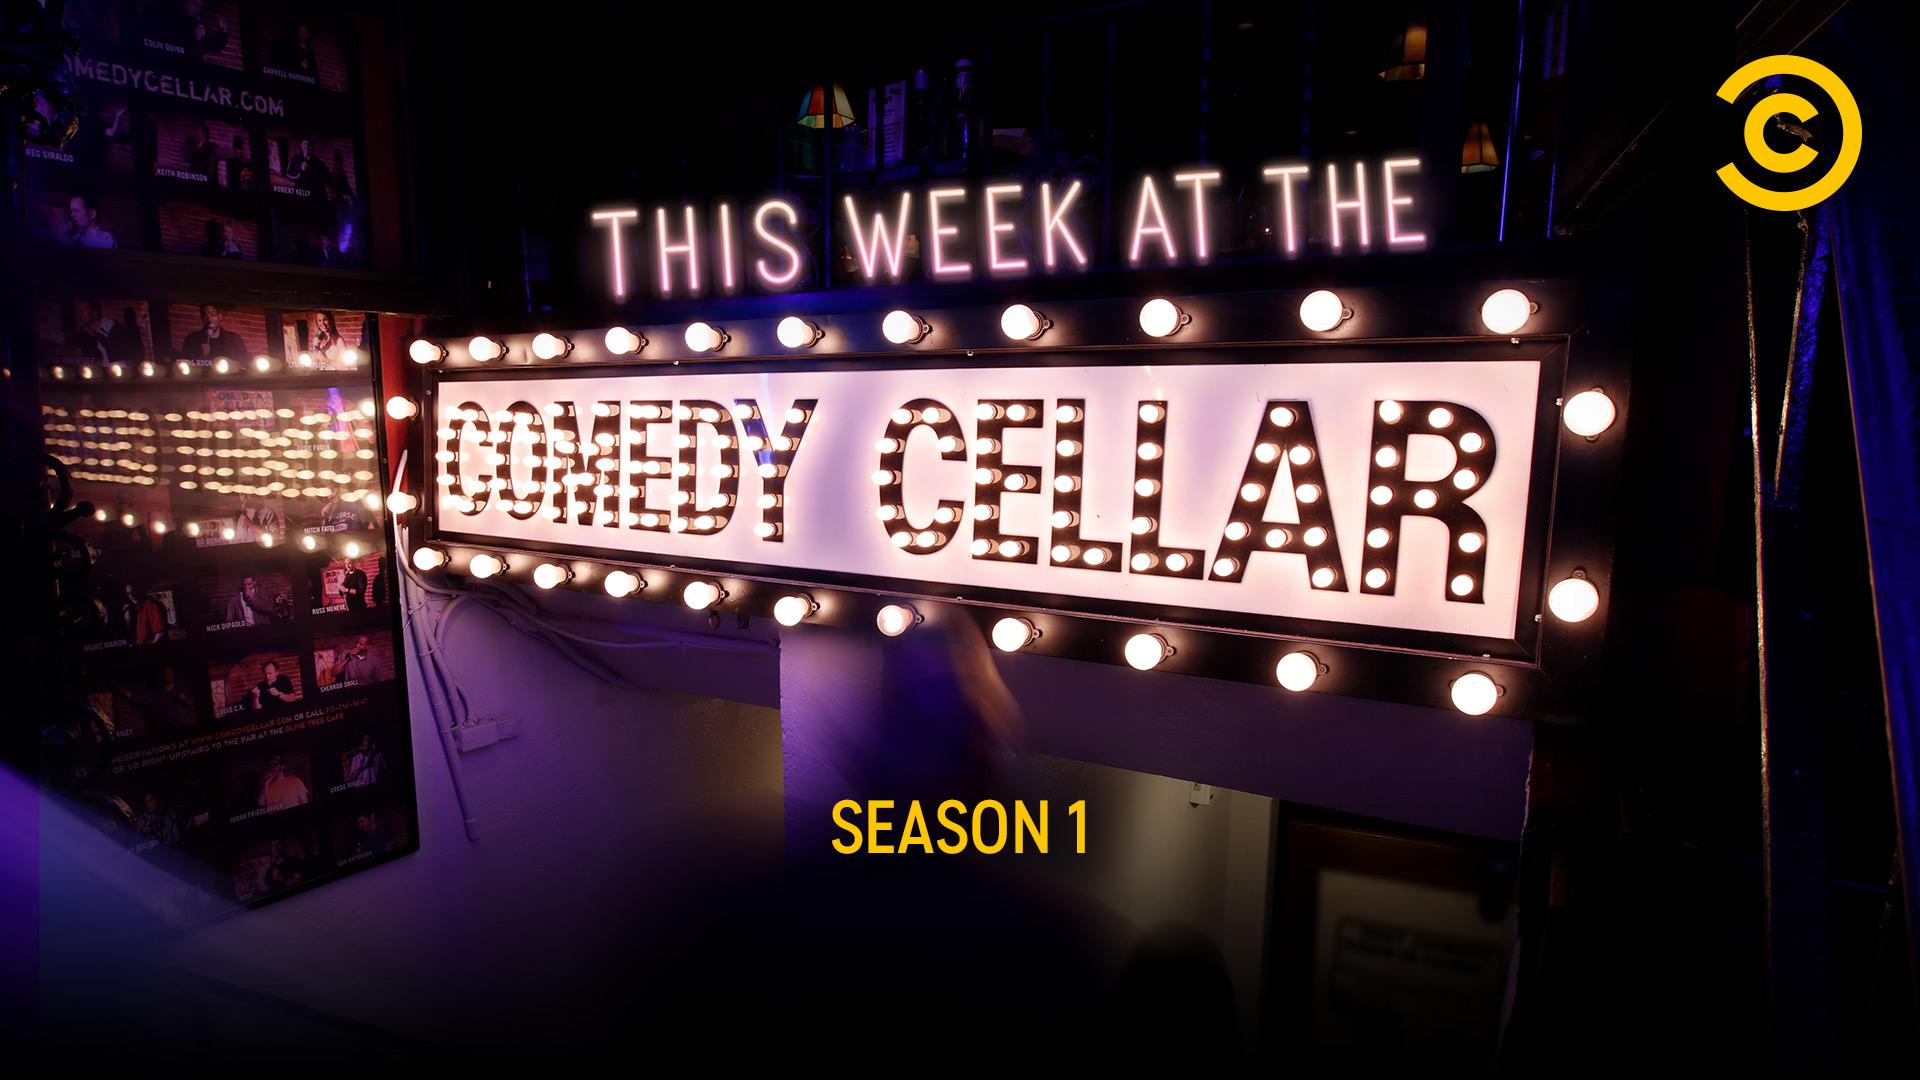 This Week at the Comedy Cellar Season 1